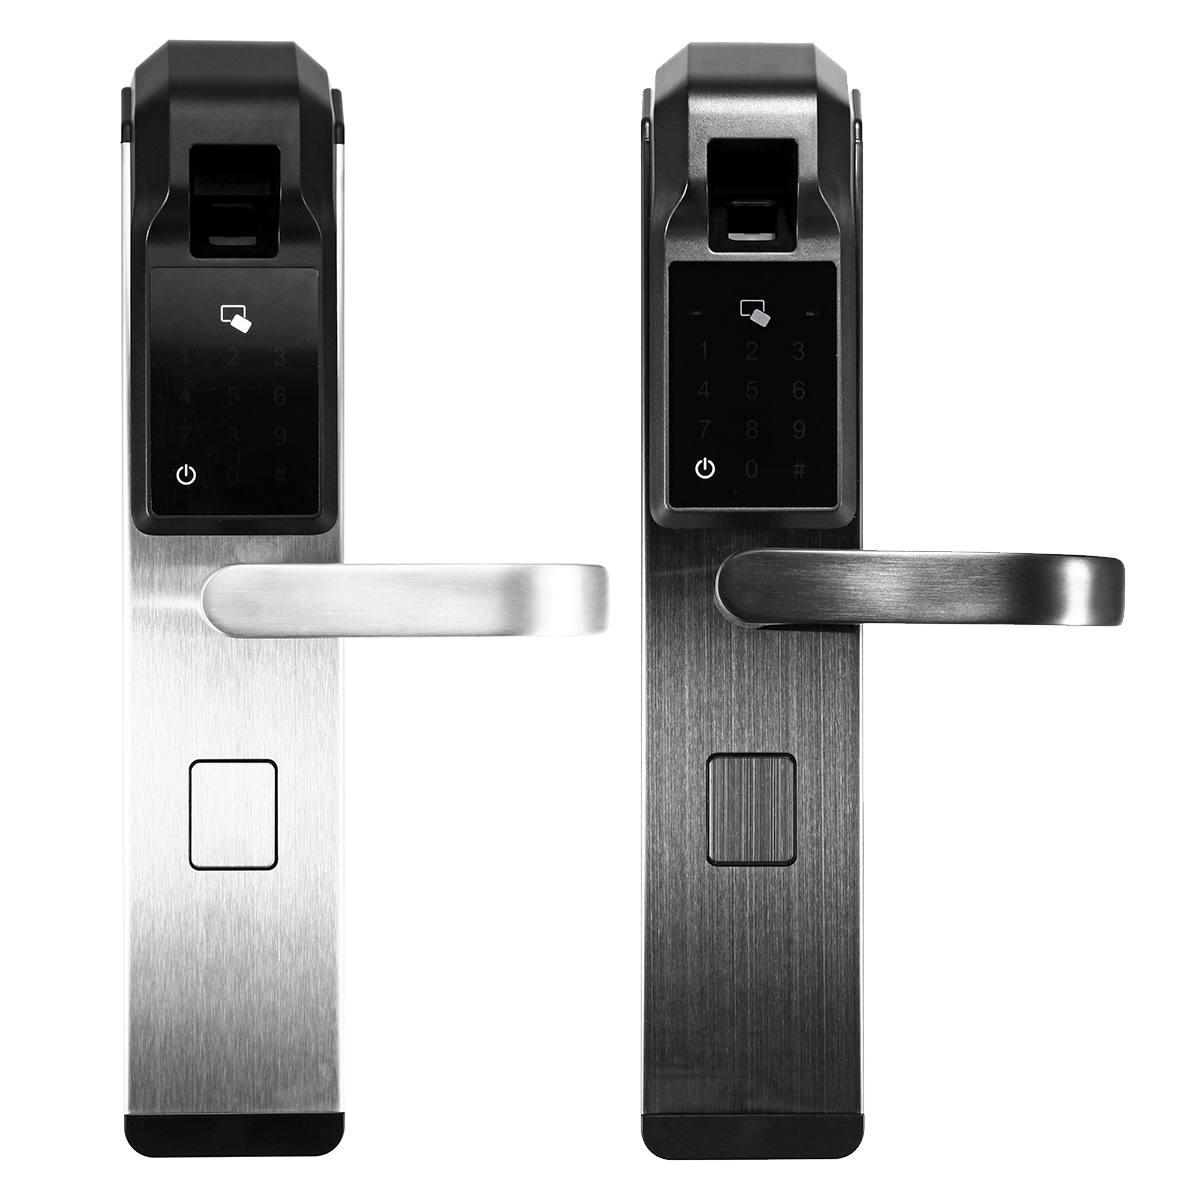 Serrure de porte intelligente électronique 4 voies accès par mot de passe d'empreintes digitales serrure antivol système de contrôle d'accès de sécurité bureau à domicile